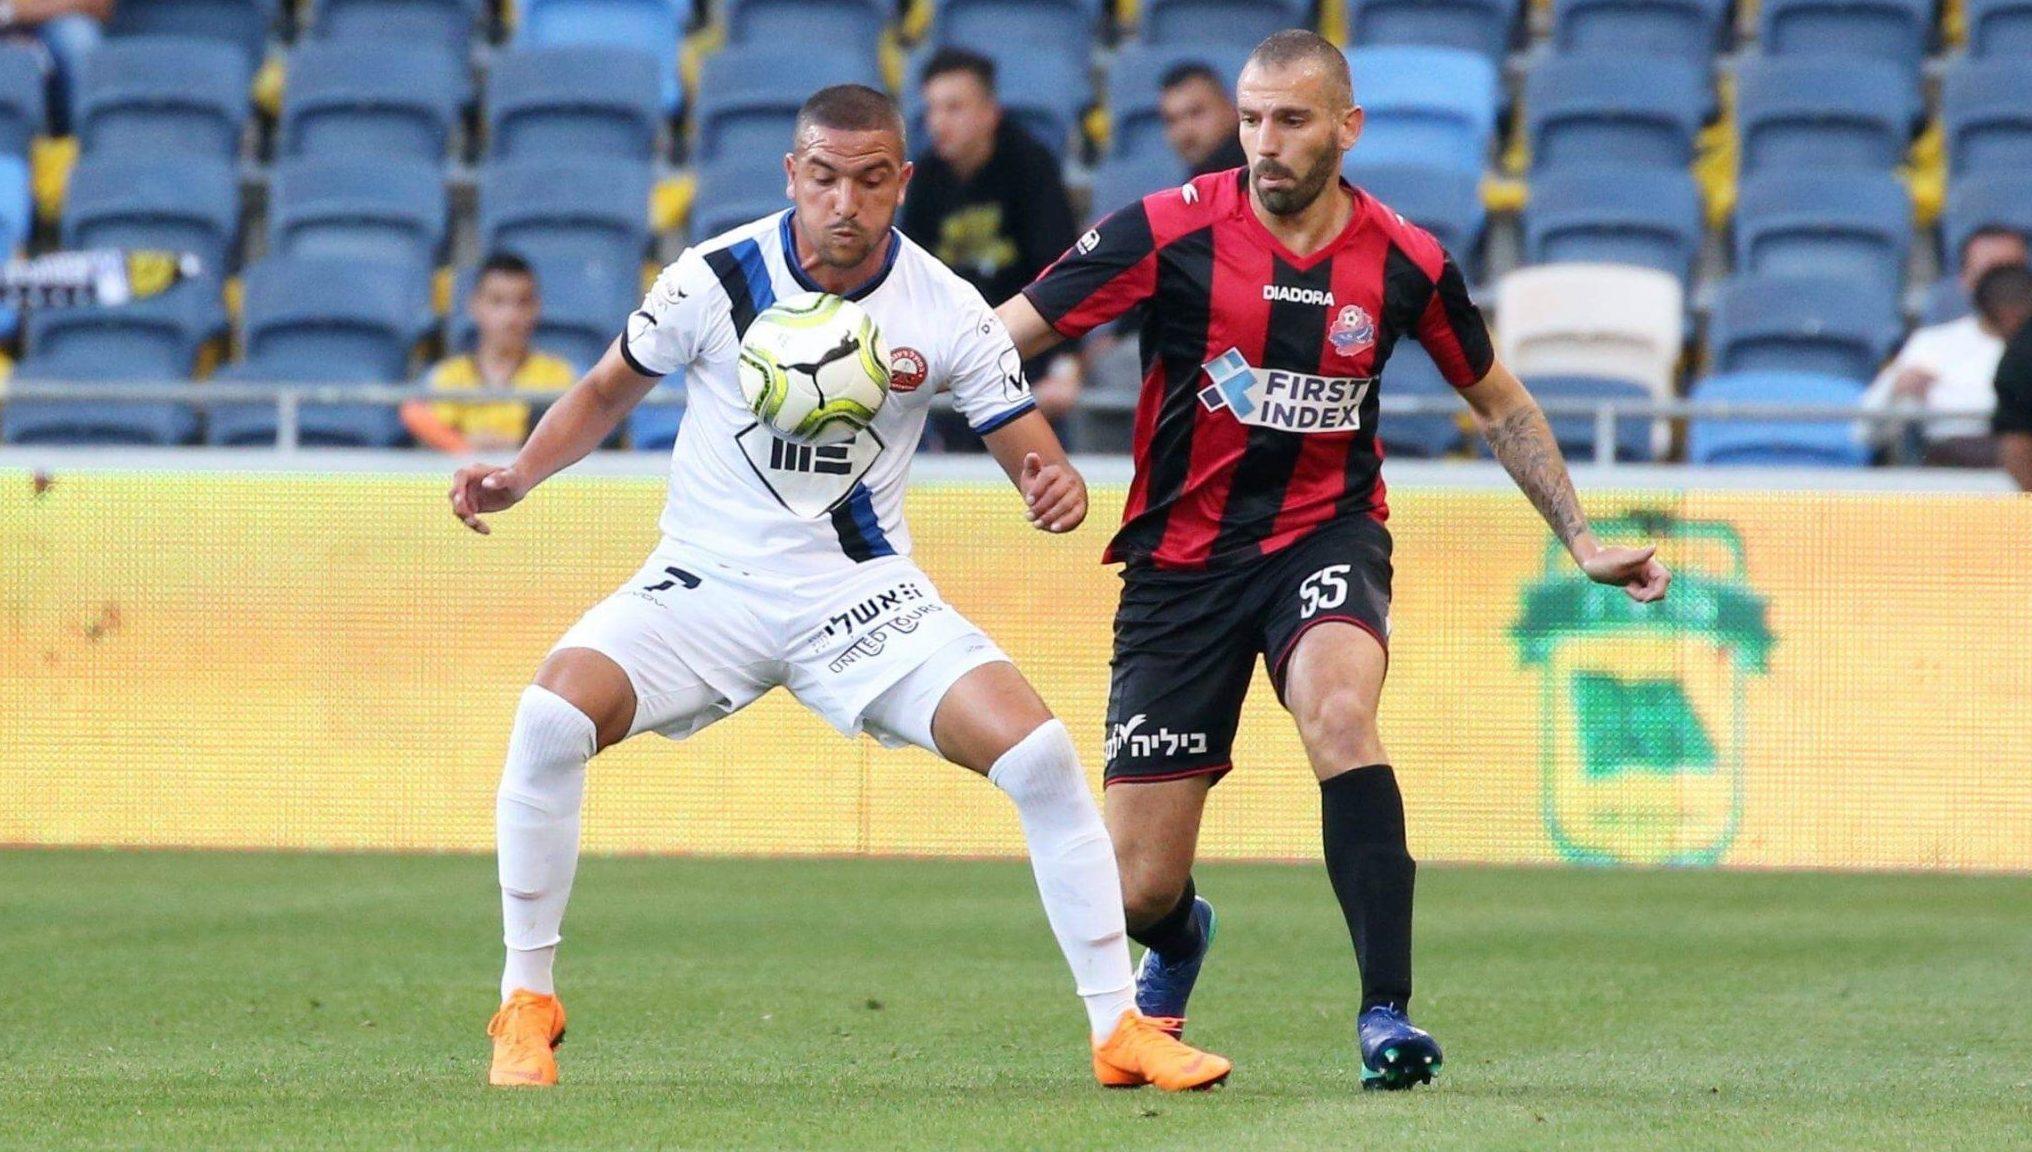 קפילוטו חתם לשנתיים נוספות בהפועל חיפה, גם גל אראל סיכם על שנתיים נוספות